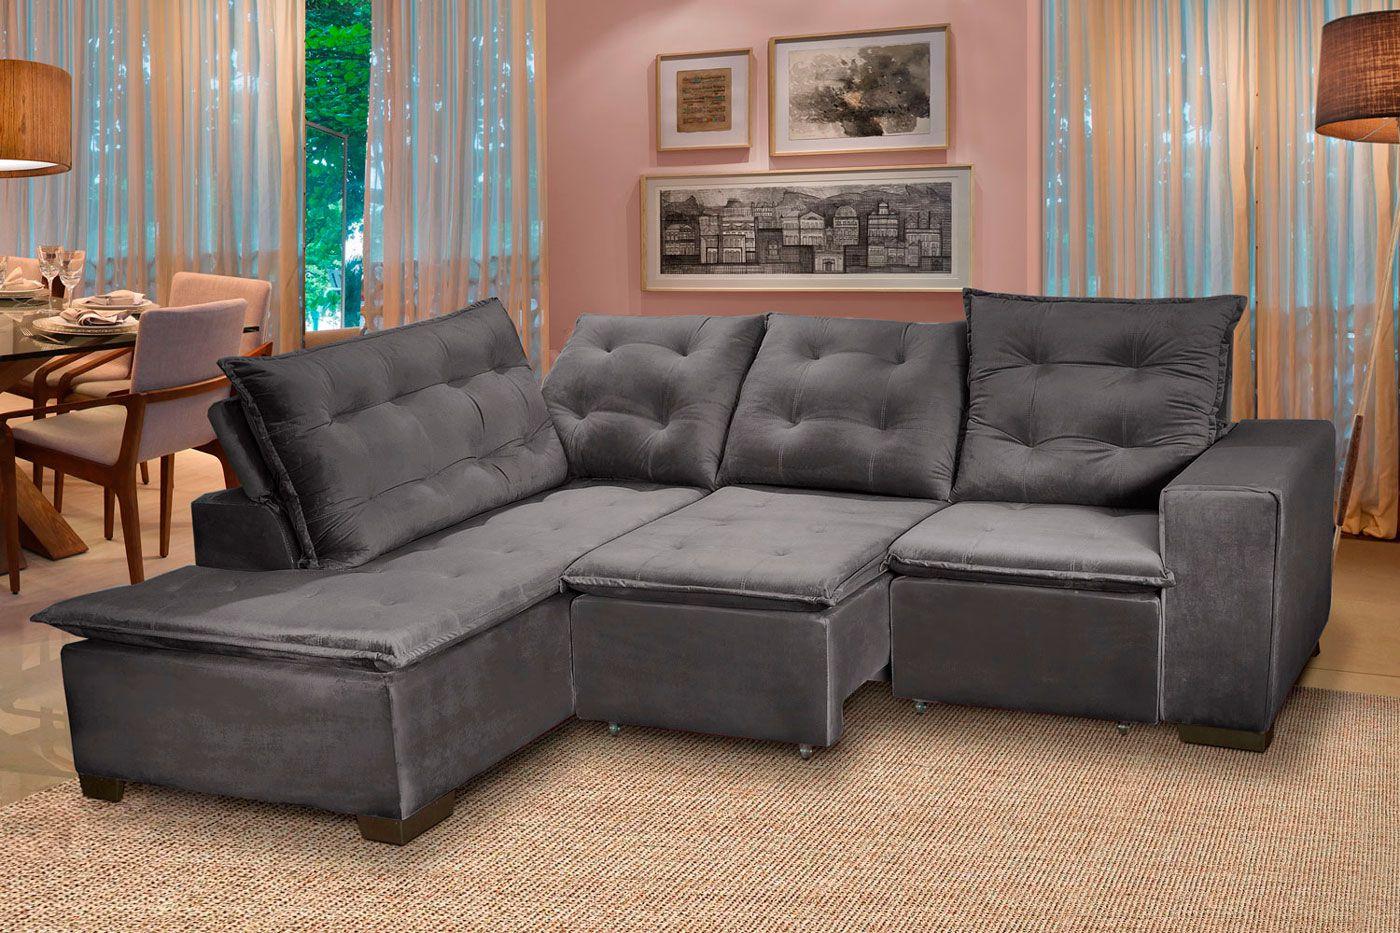 Sofá 5 Lugares Canto 254x212Cm Toronto Retrátil e Reclinável c/Chaise Pillow e Molas Cinza - Megasul